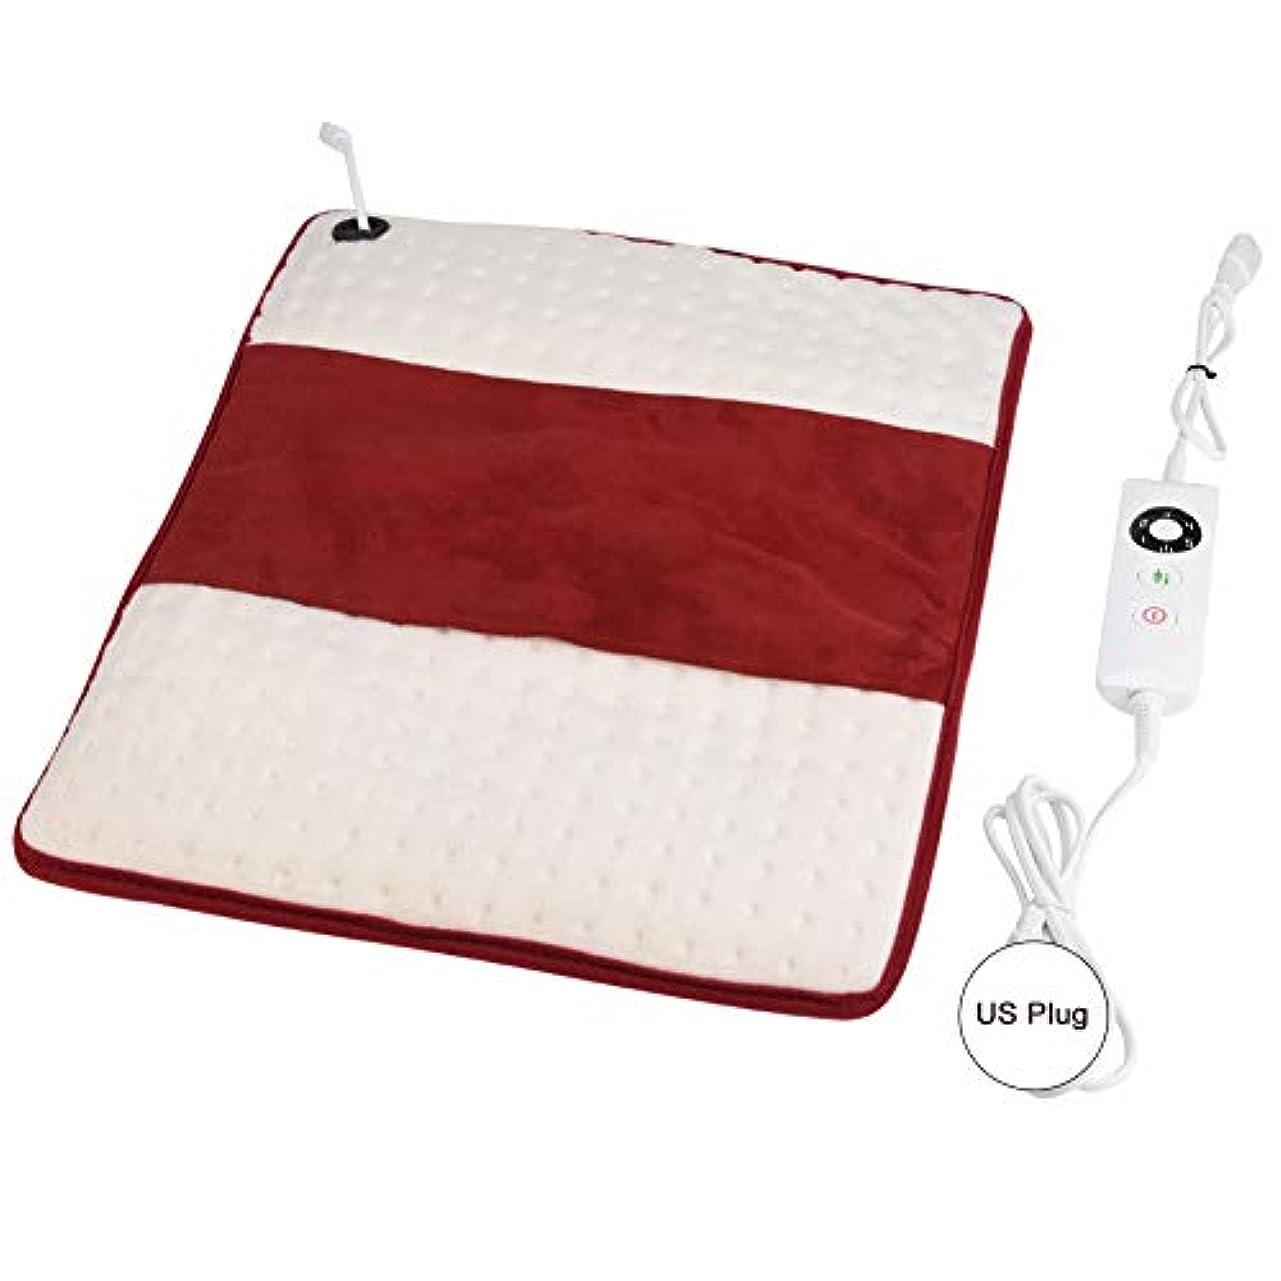 最愛の適度に割合電気暖房のパッド、多機能の電気暖房療法のパッドの洗濯できる腰痛の救助のマット(US Plug)